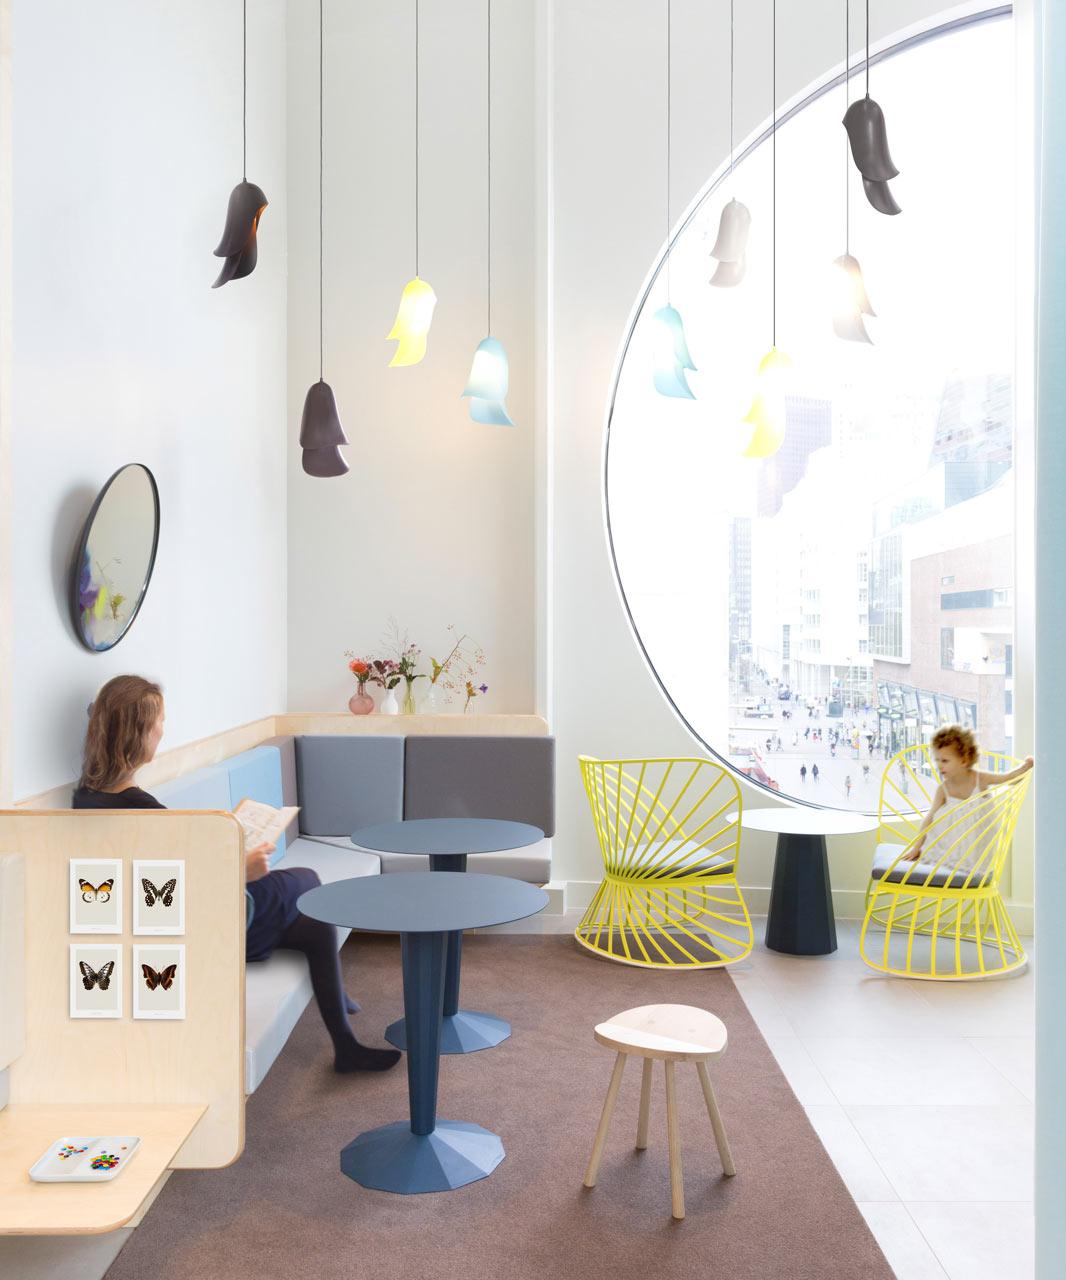 Suite-Novotel-THE-HAGUE-Constance-Guisset-7